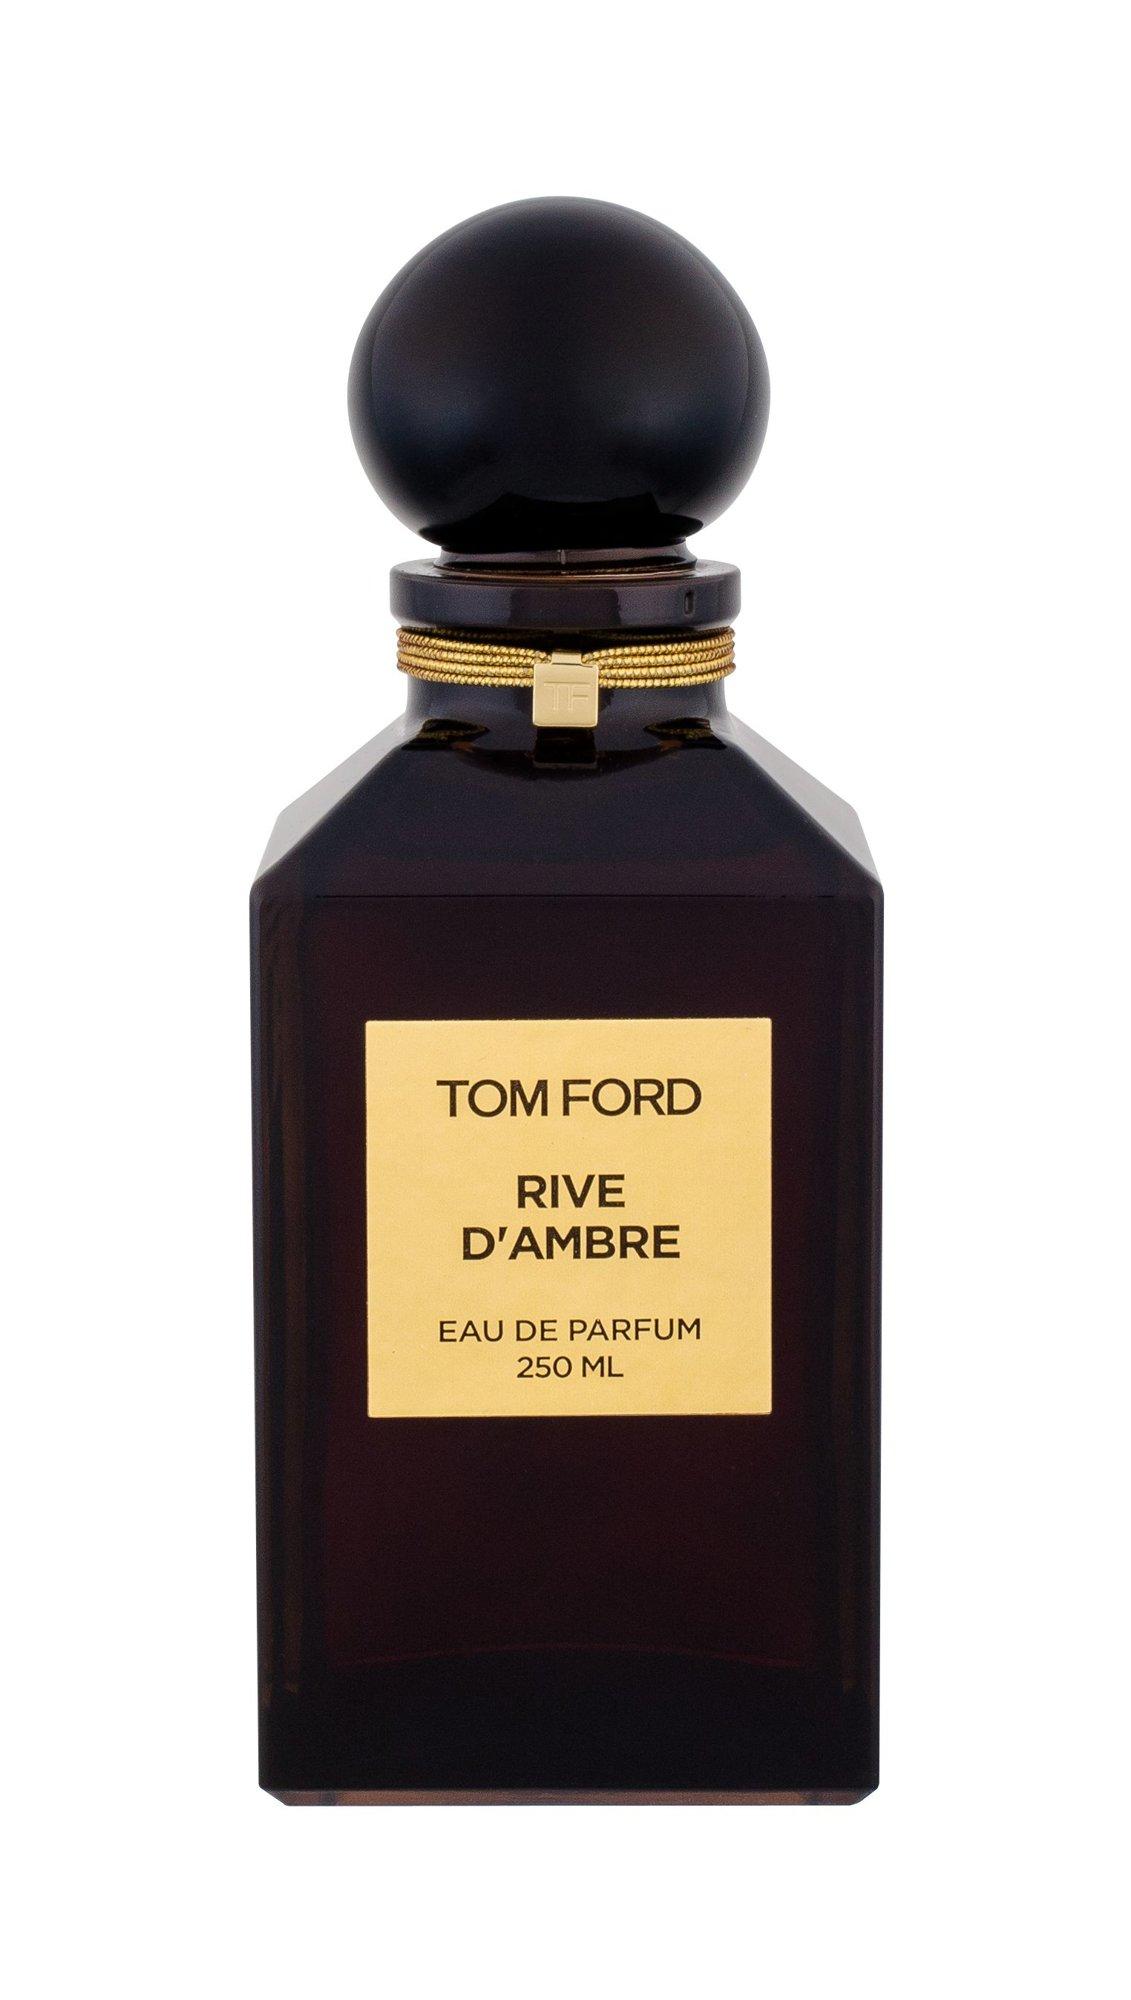 TOM FORD Atelier d´Orient Rive d´Ambre Eau de Parfum 250ml